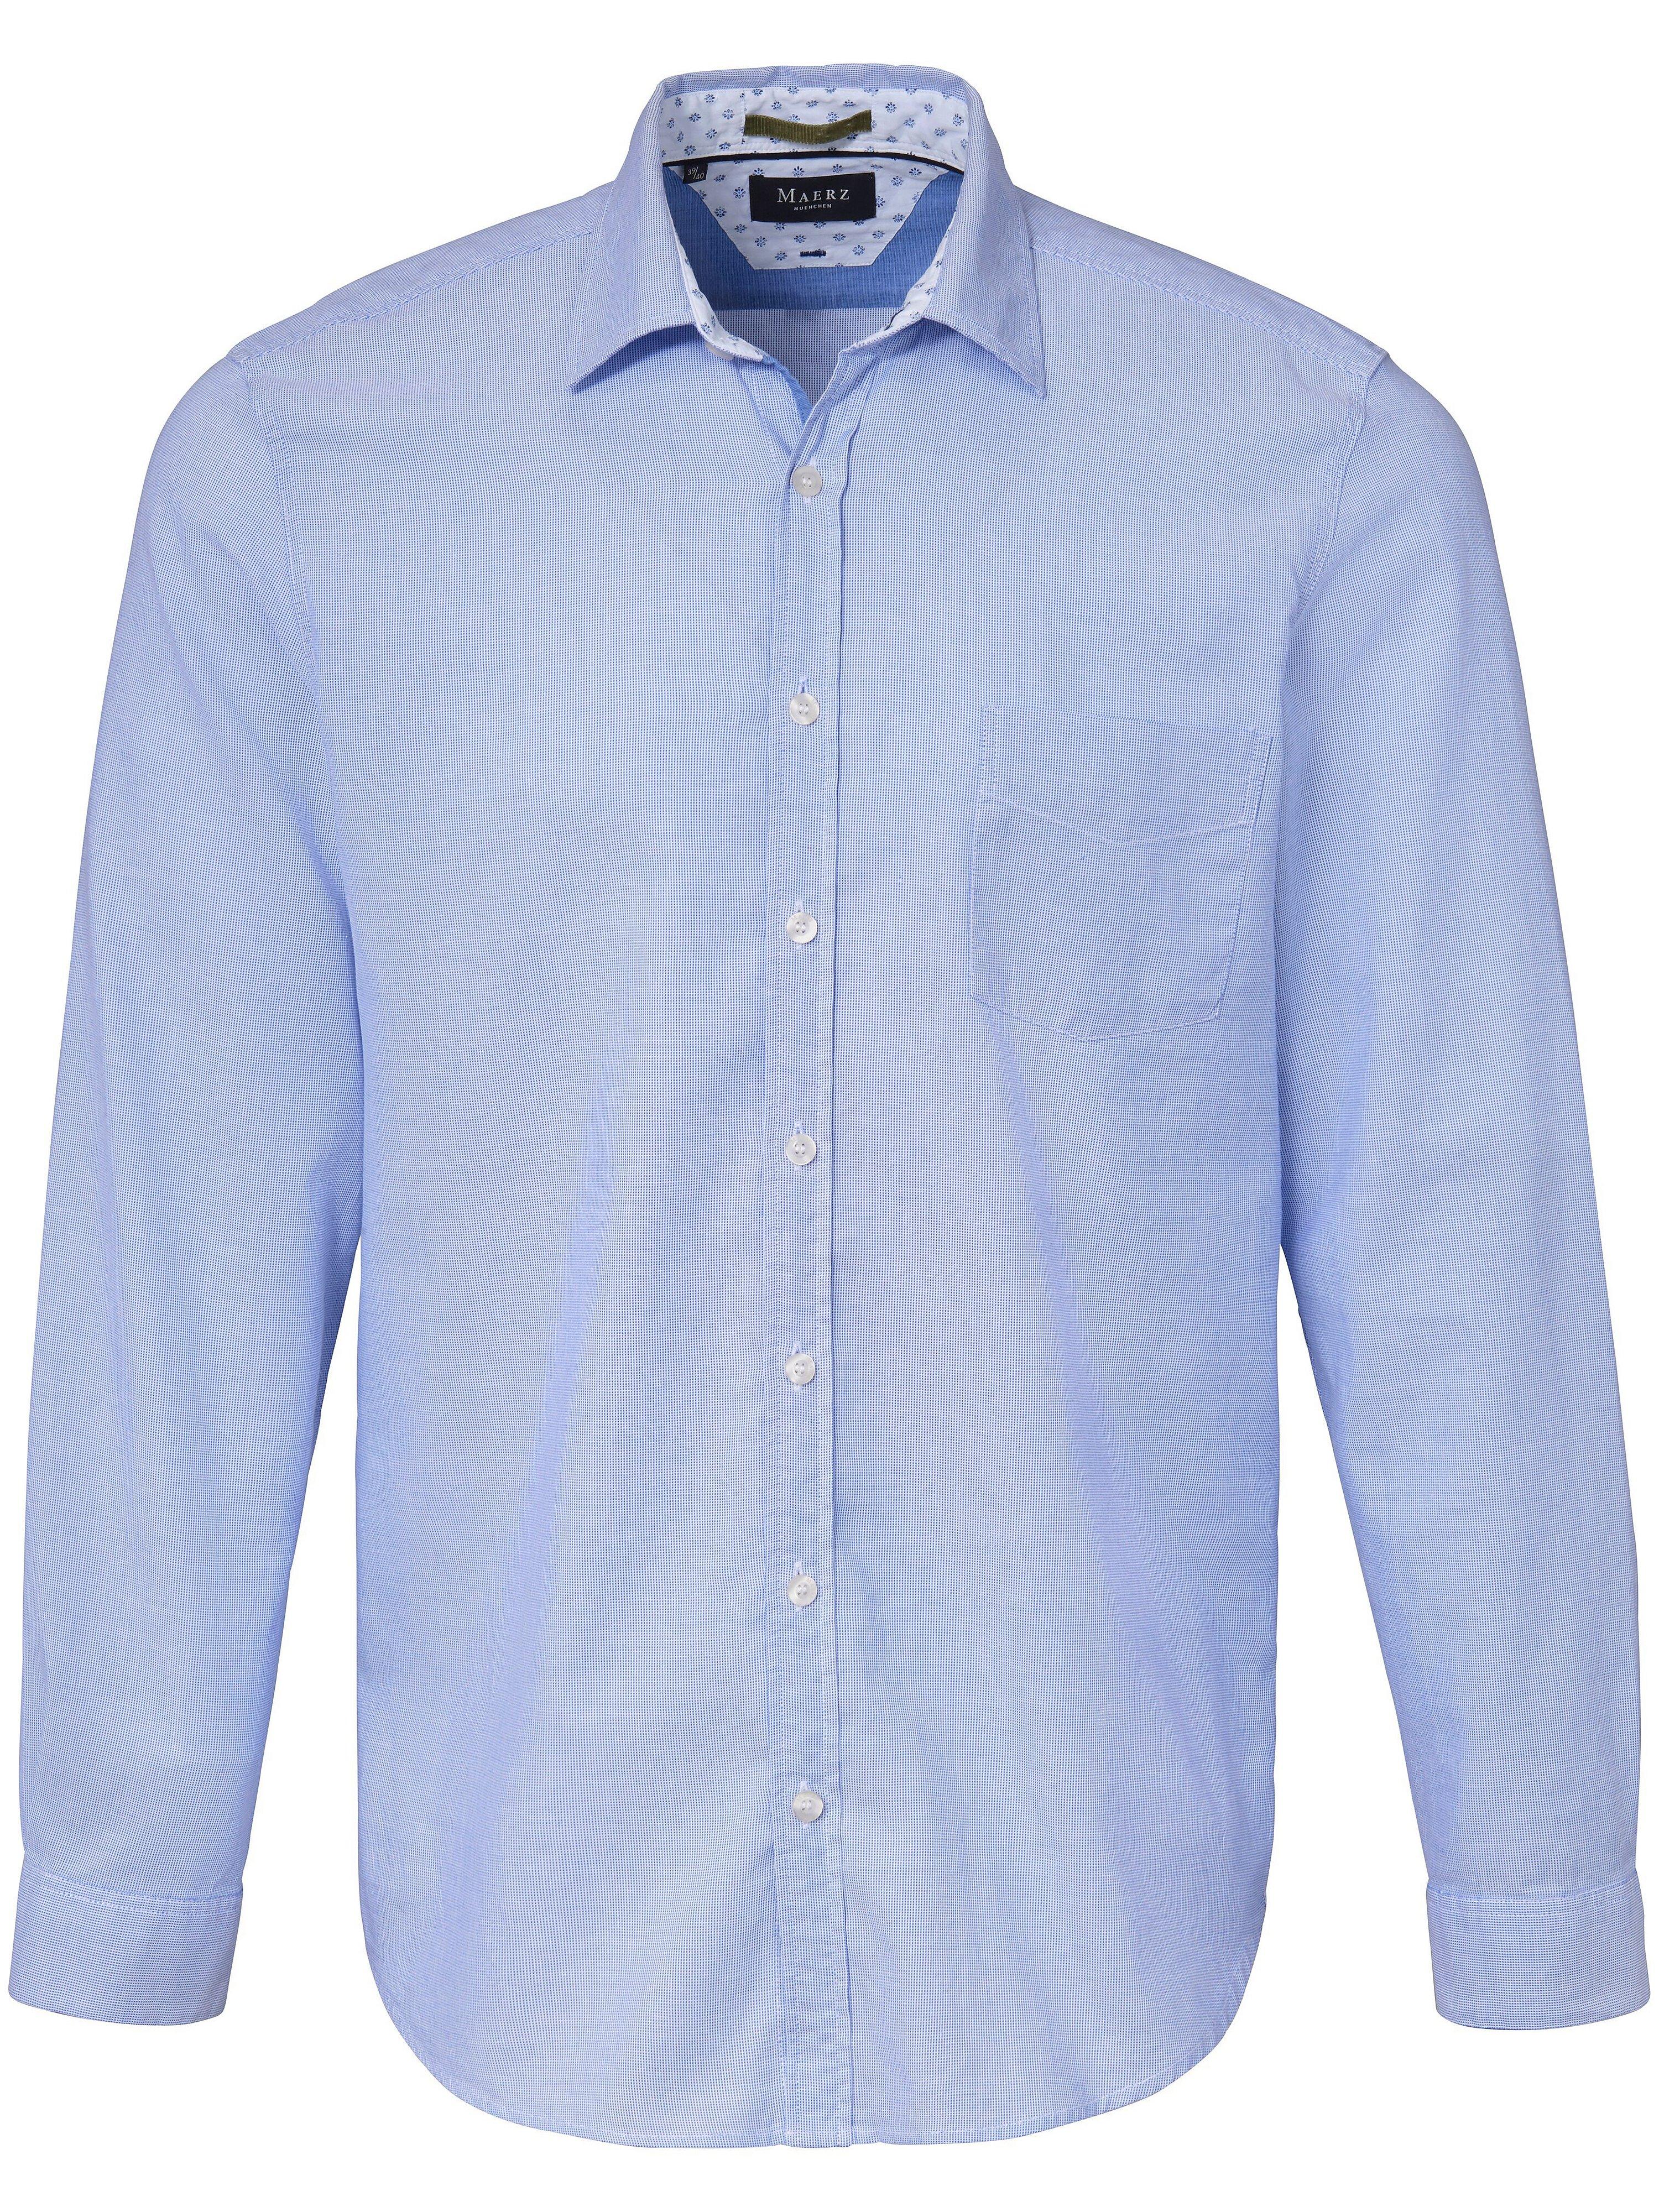 La chemise 100% coton coupe tendance  MAERZ Muenchen bleu taille 45/46